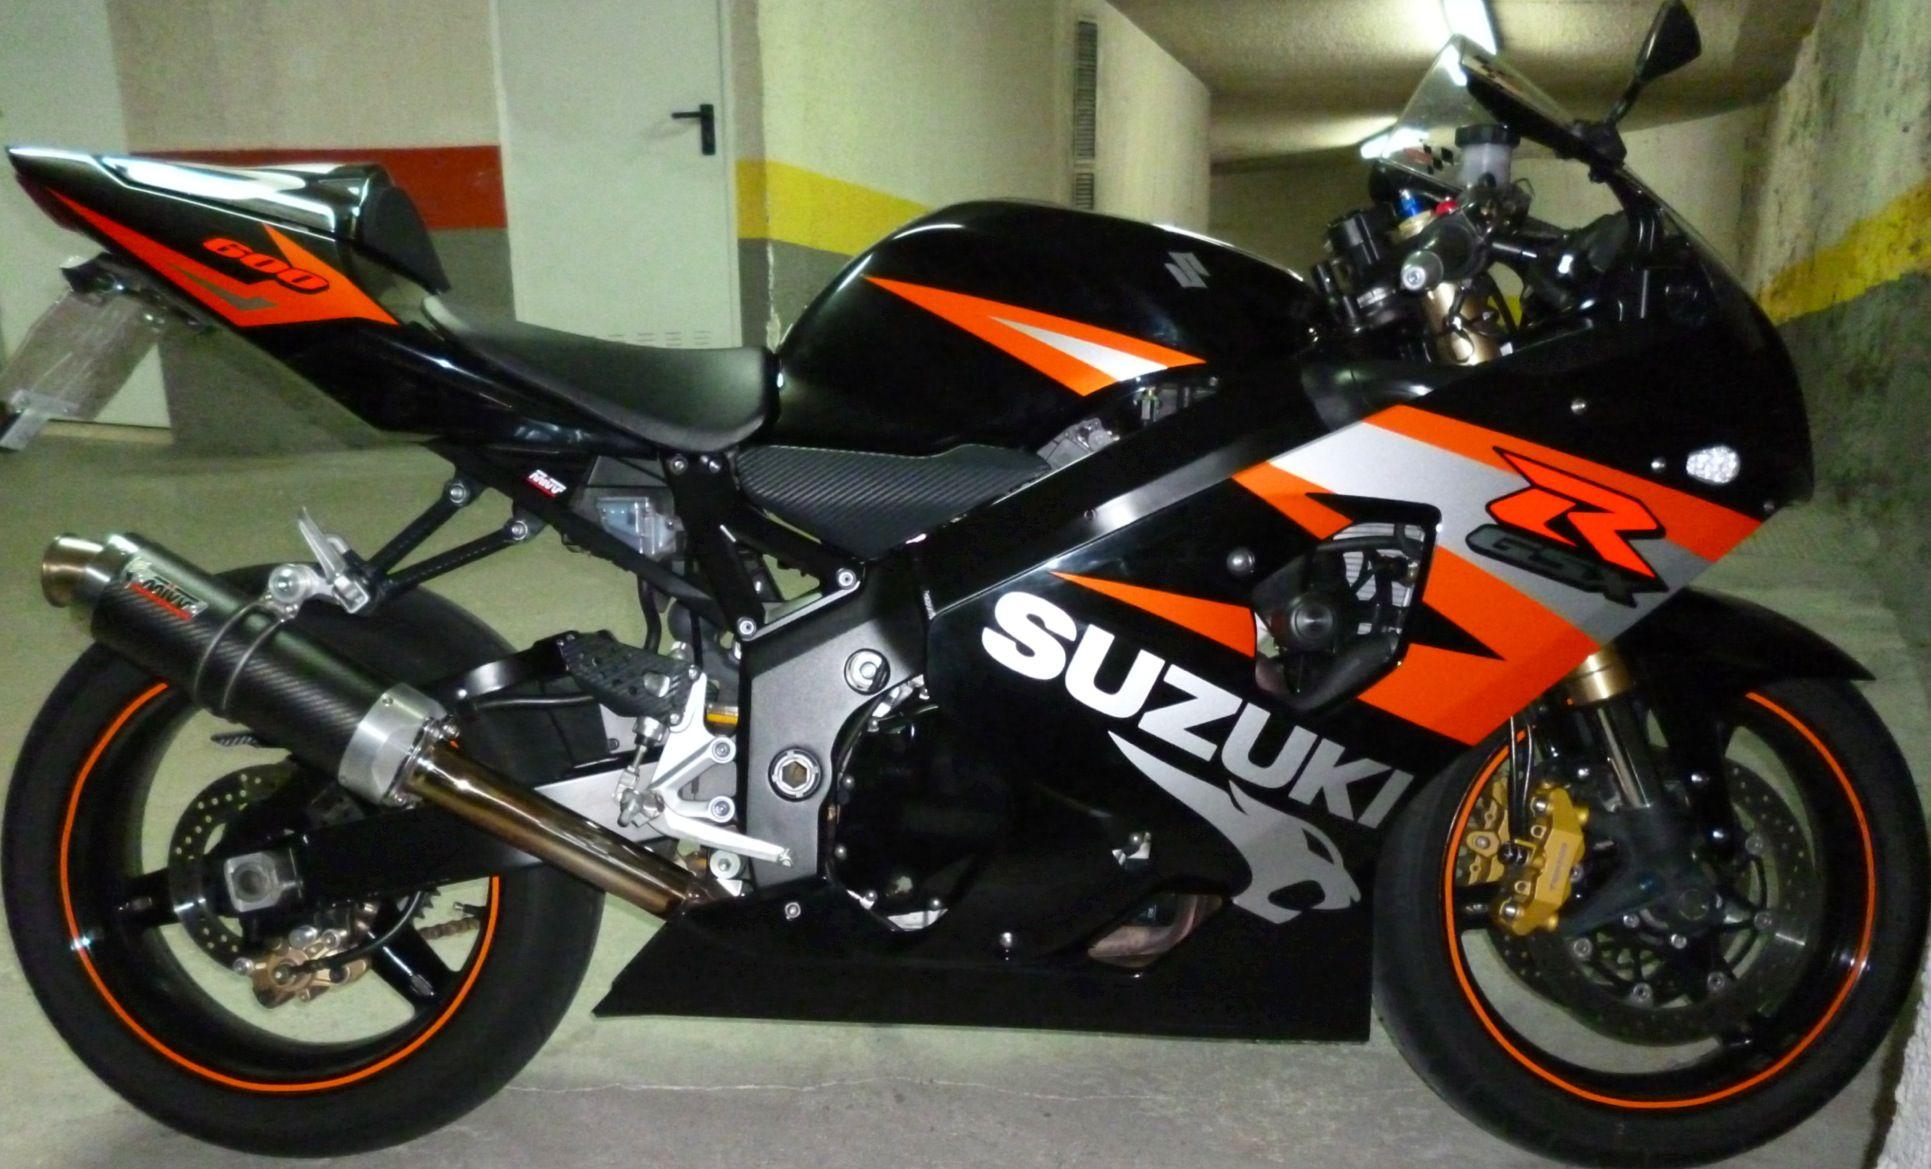 suzuki gsxr 600 k4 biker chic gsxr 600 sport bikes. Black Bedroom Furniture Sets. Home Design Ideas